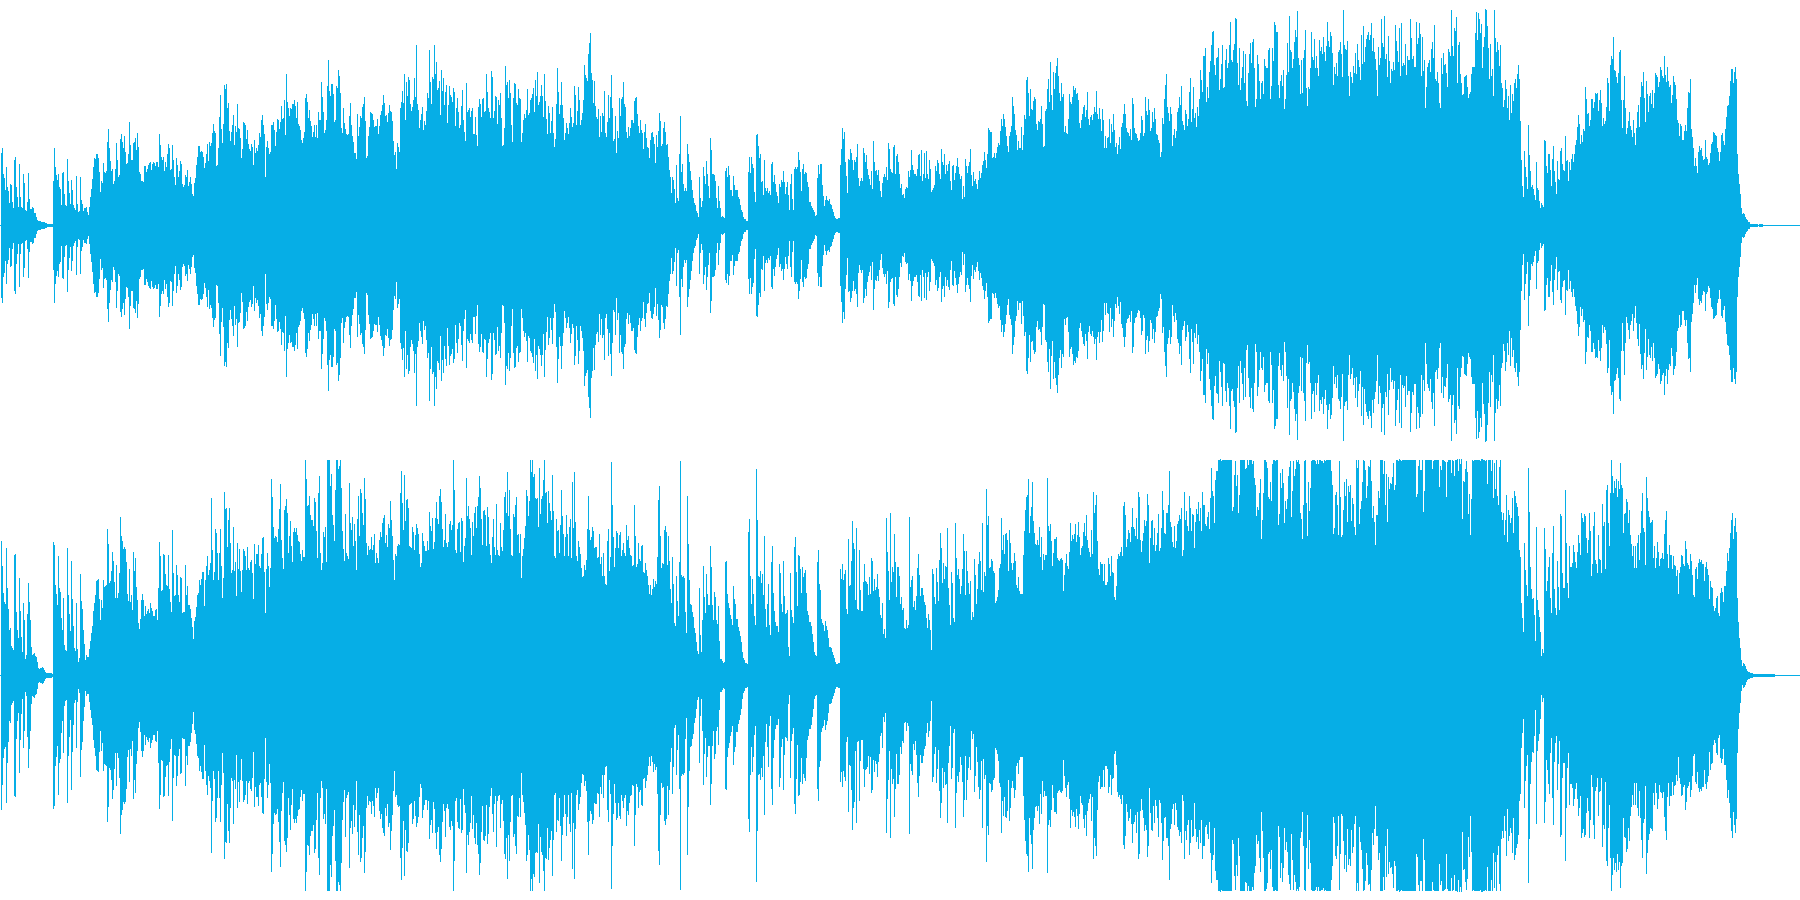 オーケストラとピアノの感動的なBGMの再生済みの波形